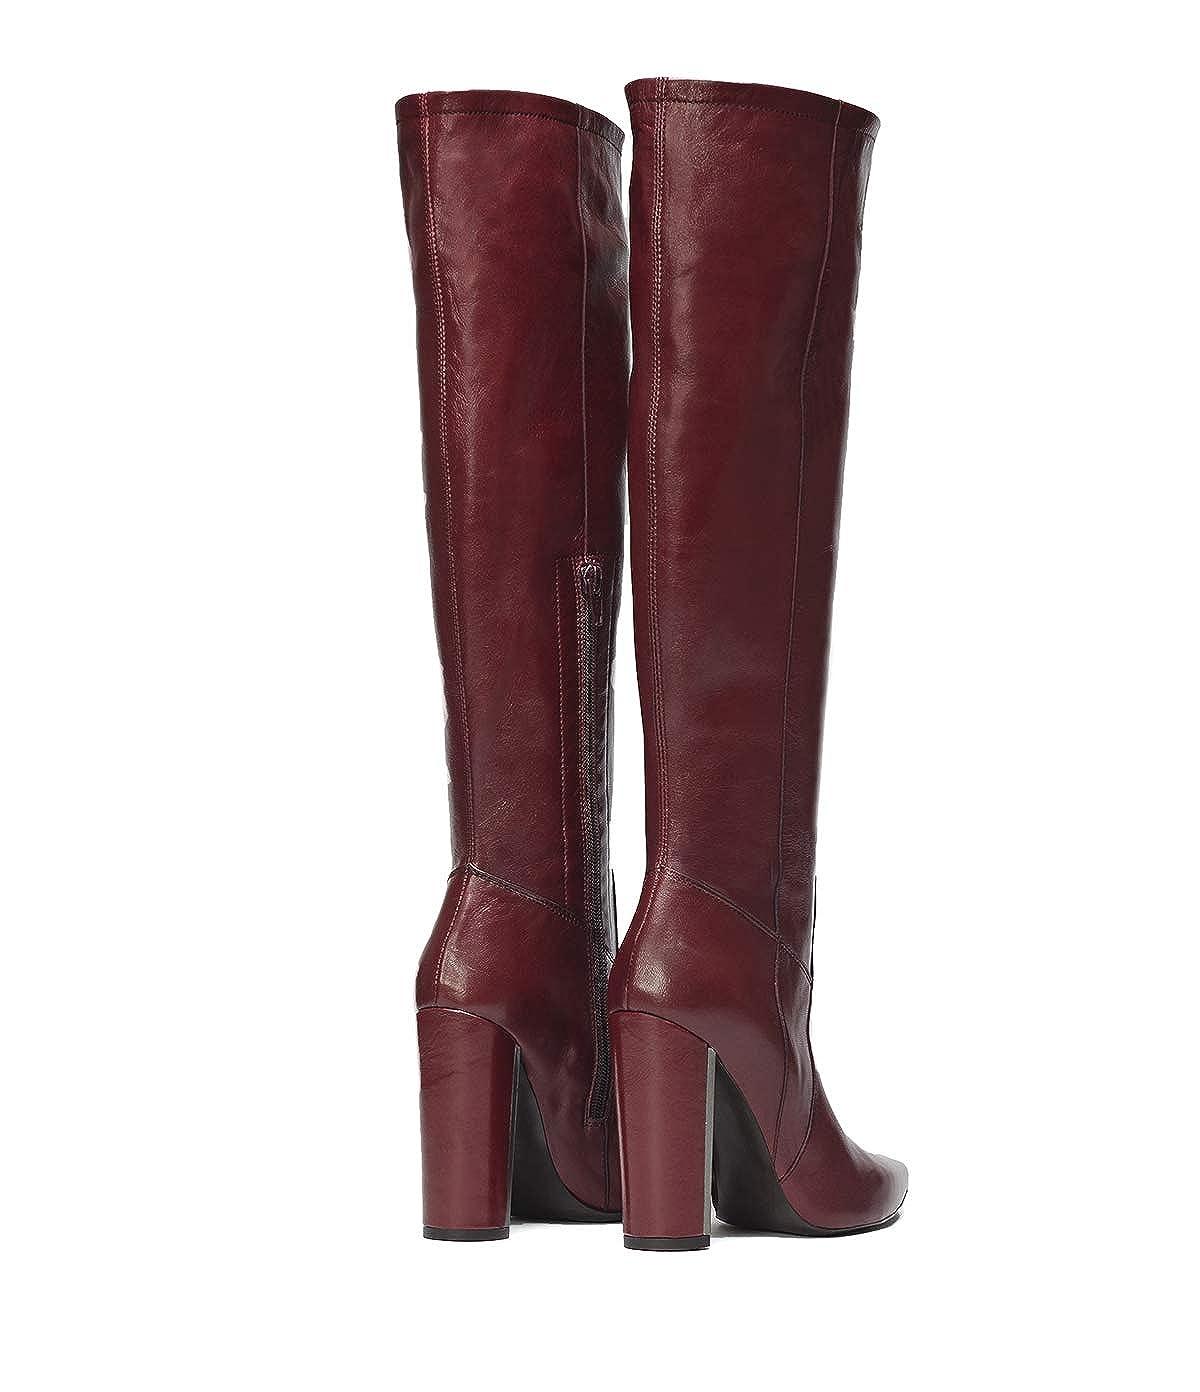 Poi Lei Damen-Schuhe Langschaftstiefel Langschaftstiefel Langschaftstiefel Clara Bordeaux Blockabsatz Leder 7329be